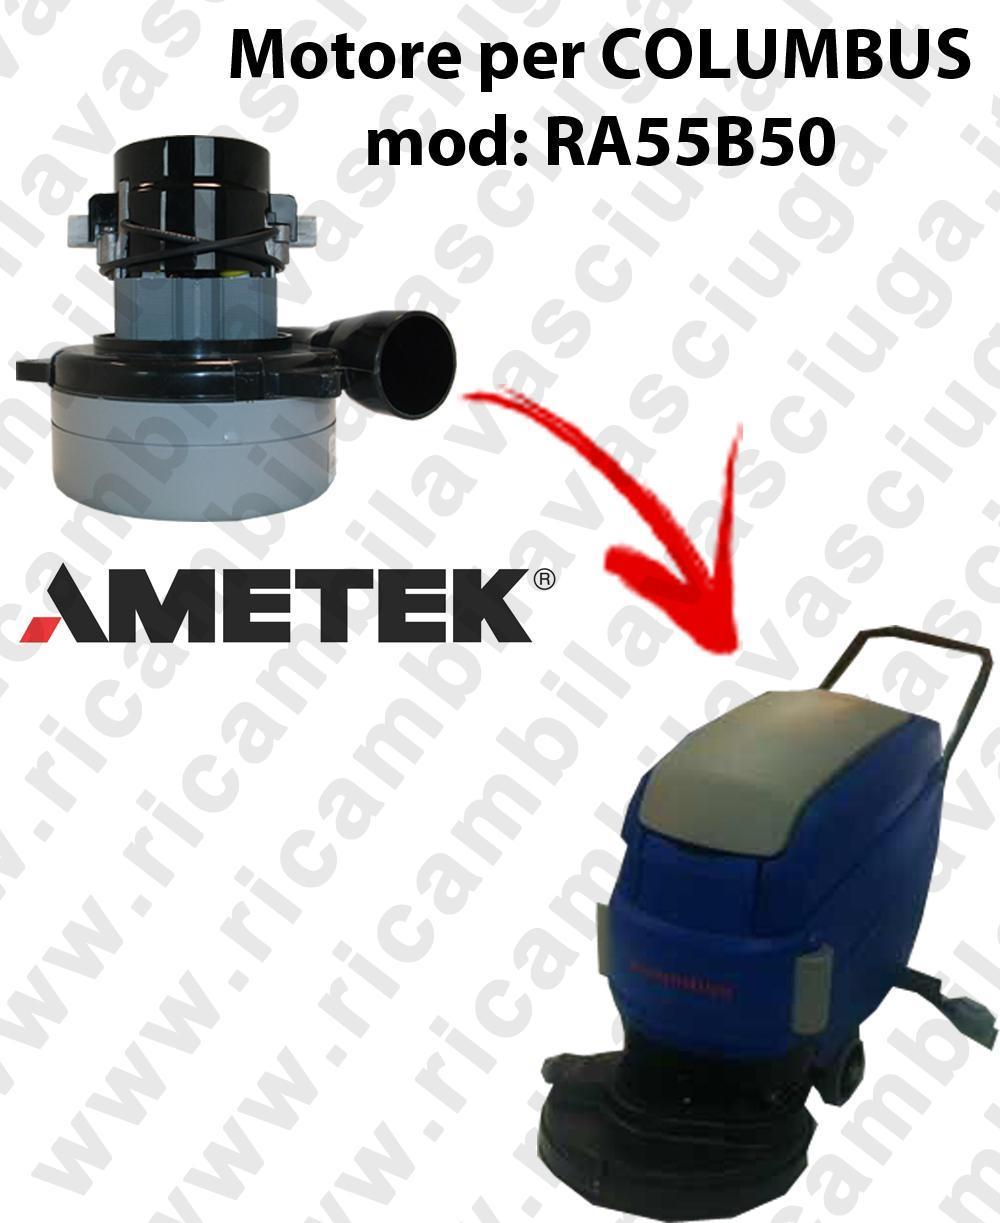 RA55B50 MOTEUR ASPIRATION LAMB AMATEK pour autolaveuses COLUMBUS